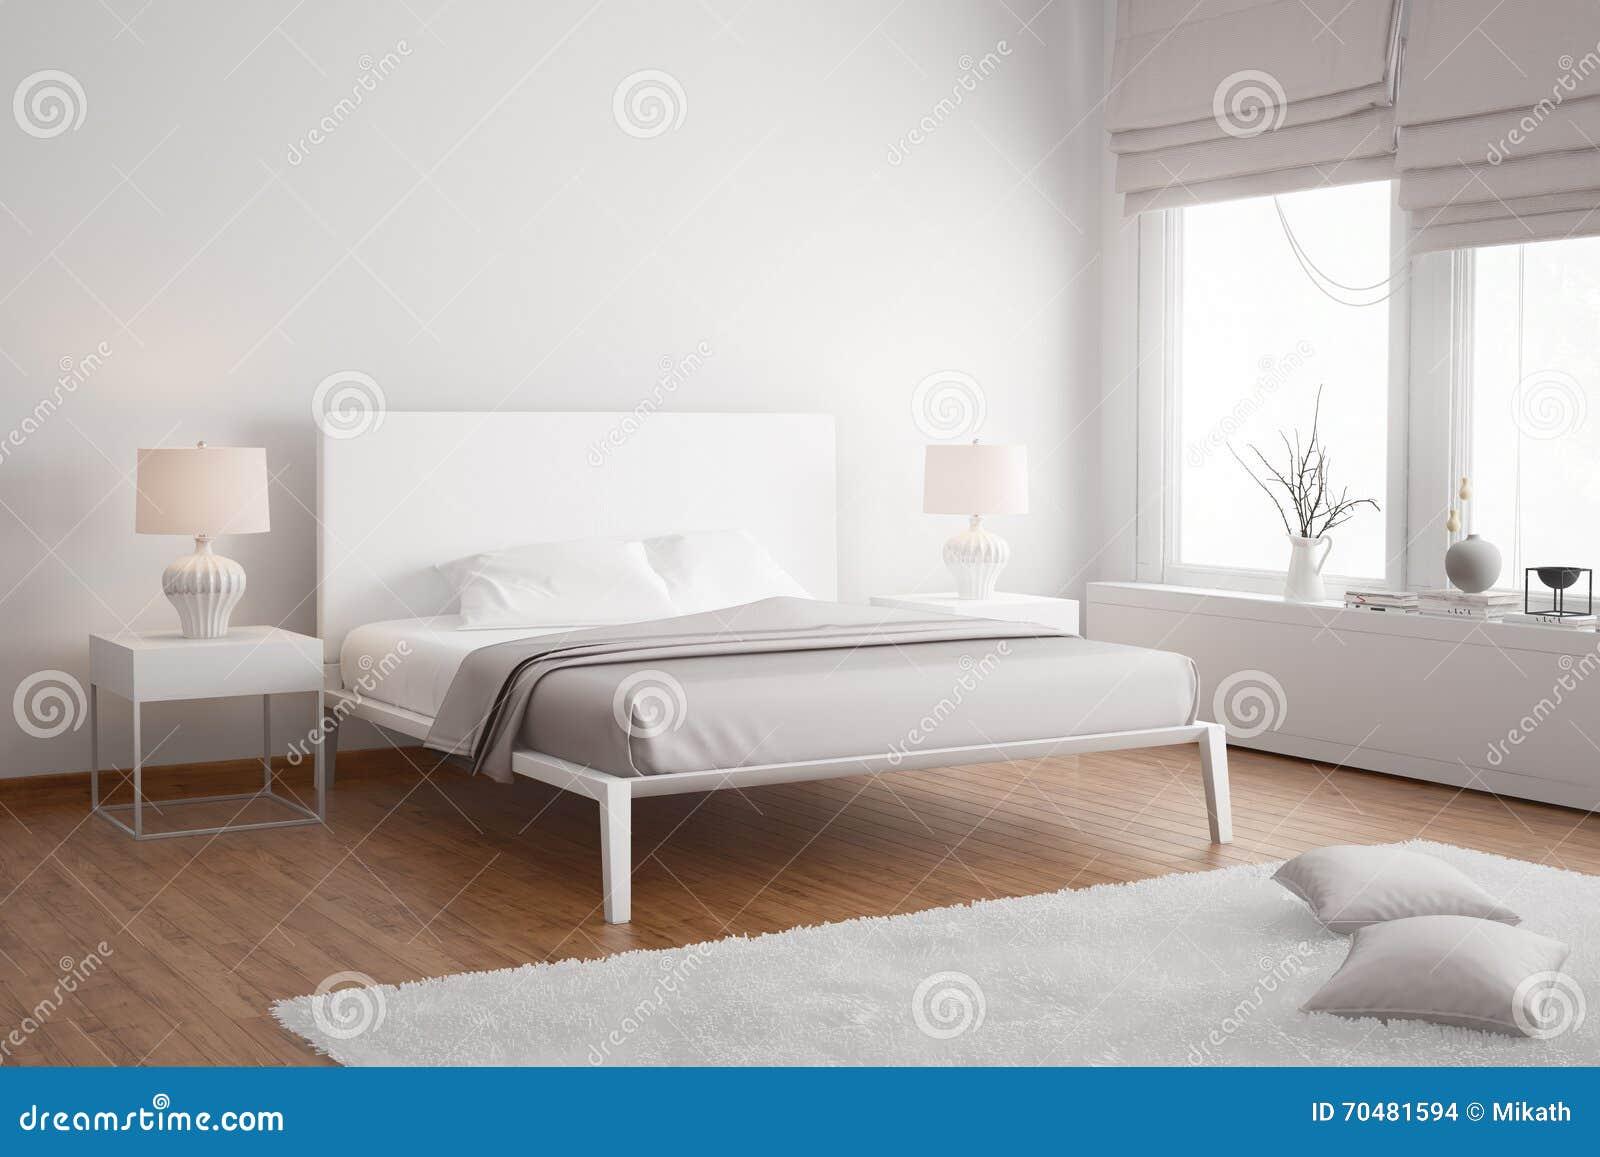 Vitt och beige sovrum med stol och lampor stock illustrationer ...